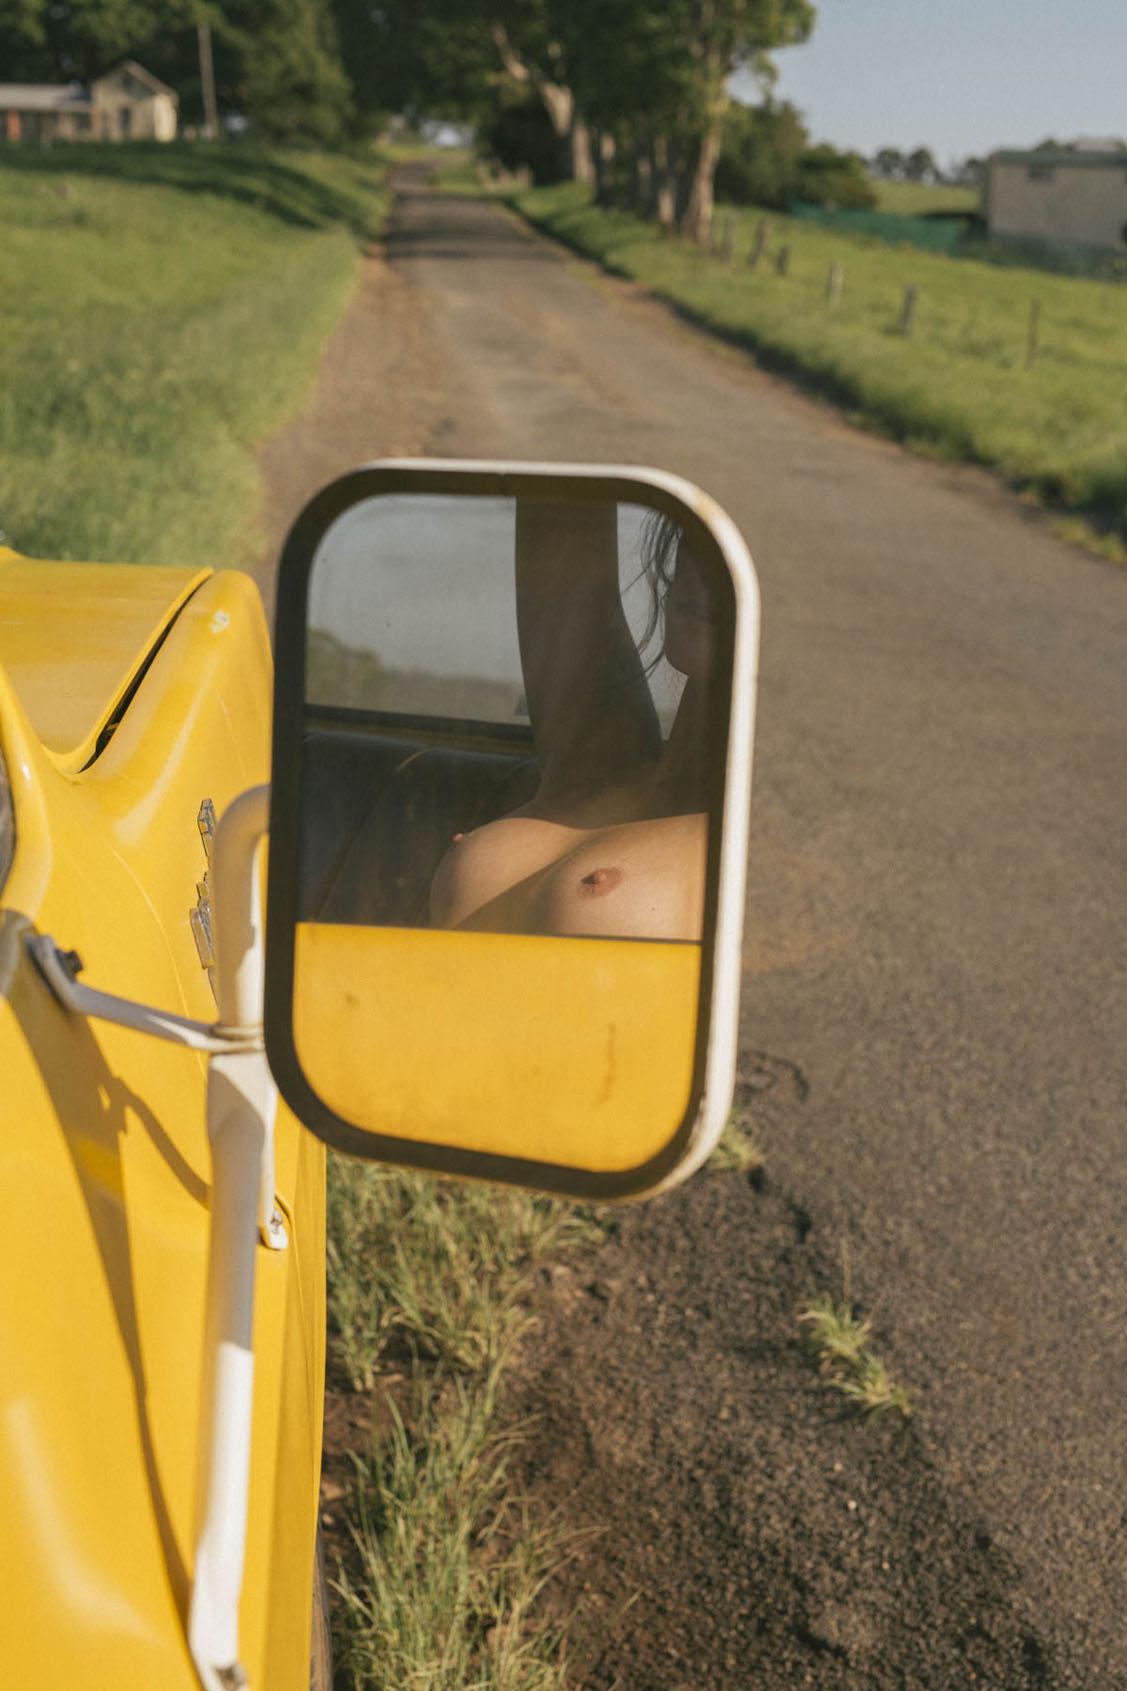 голая девушка в желтом грузовике на пустынной дороге / фото 10